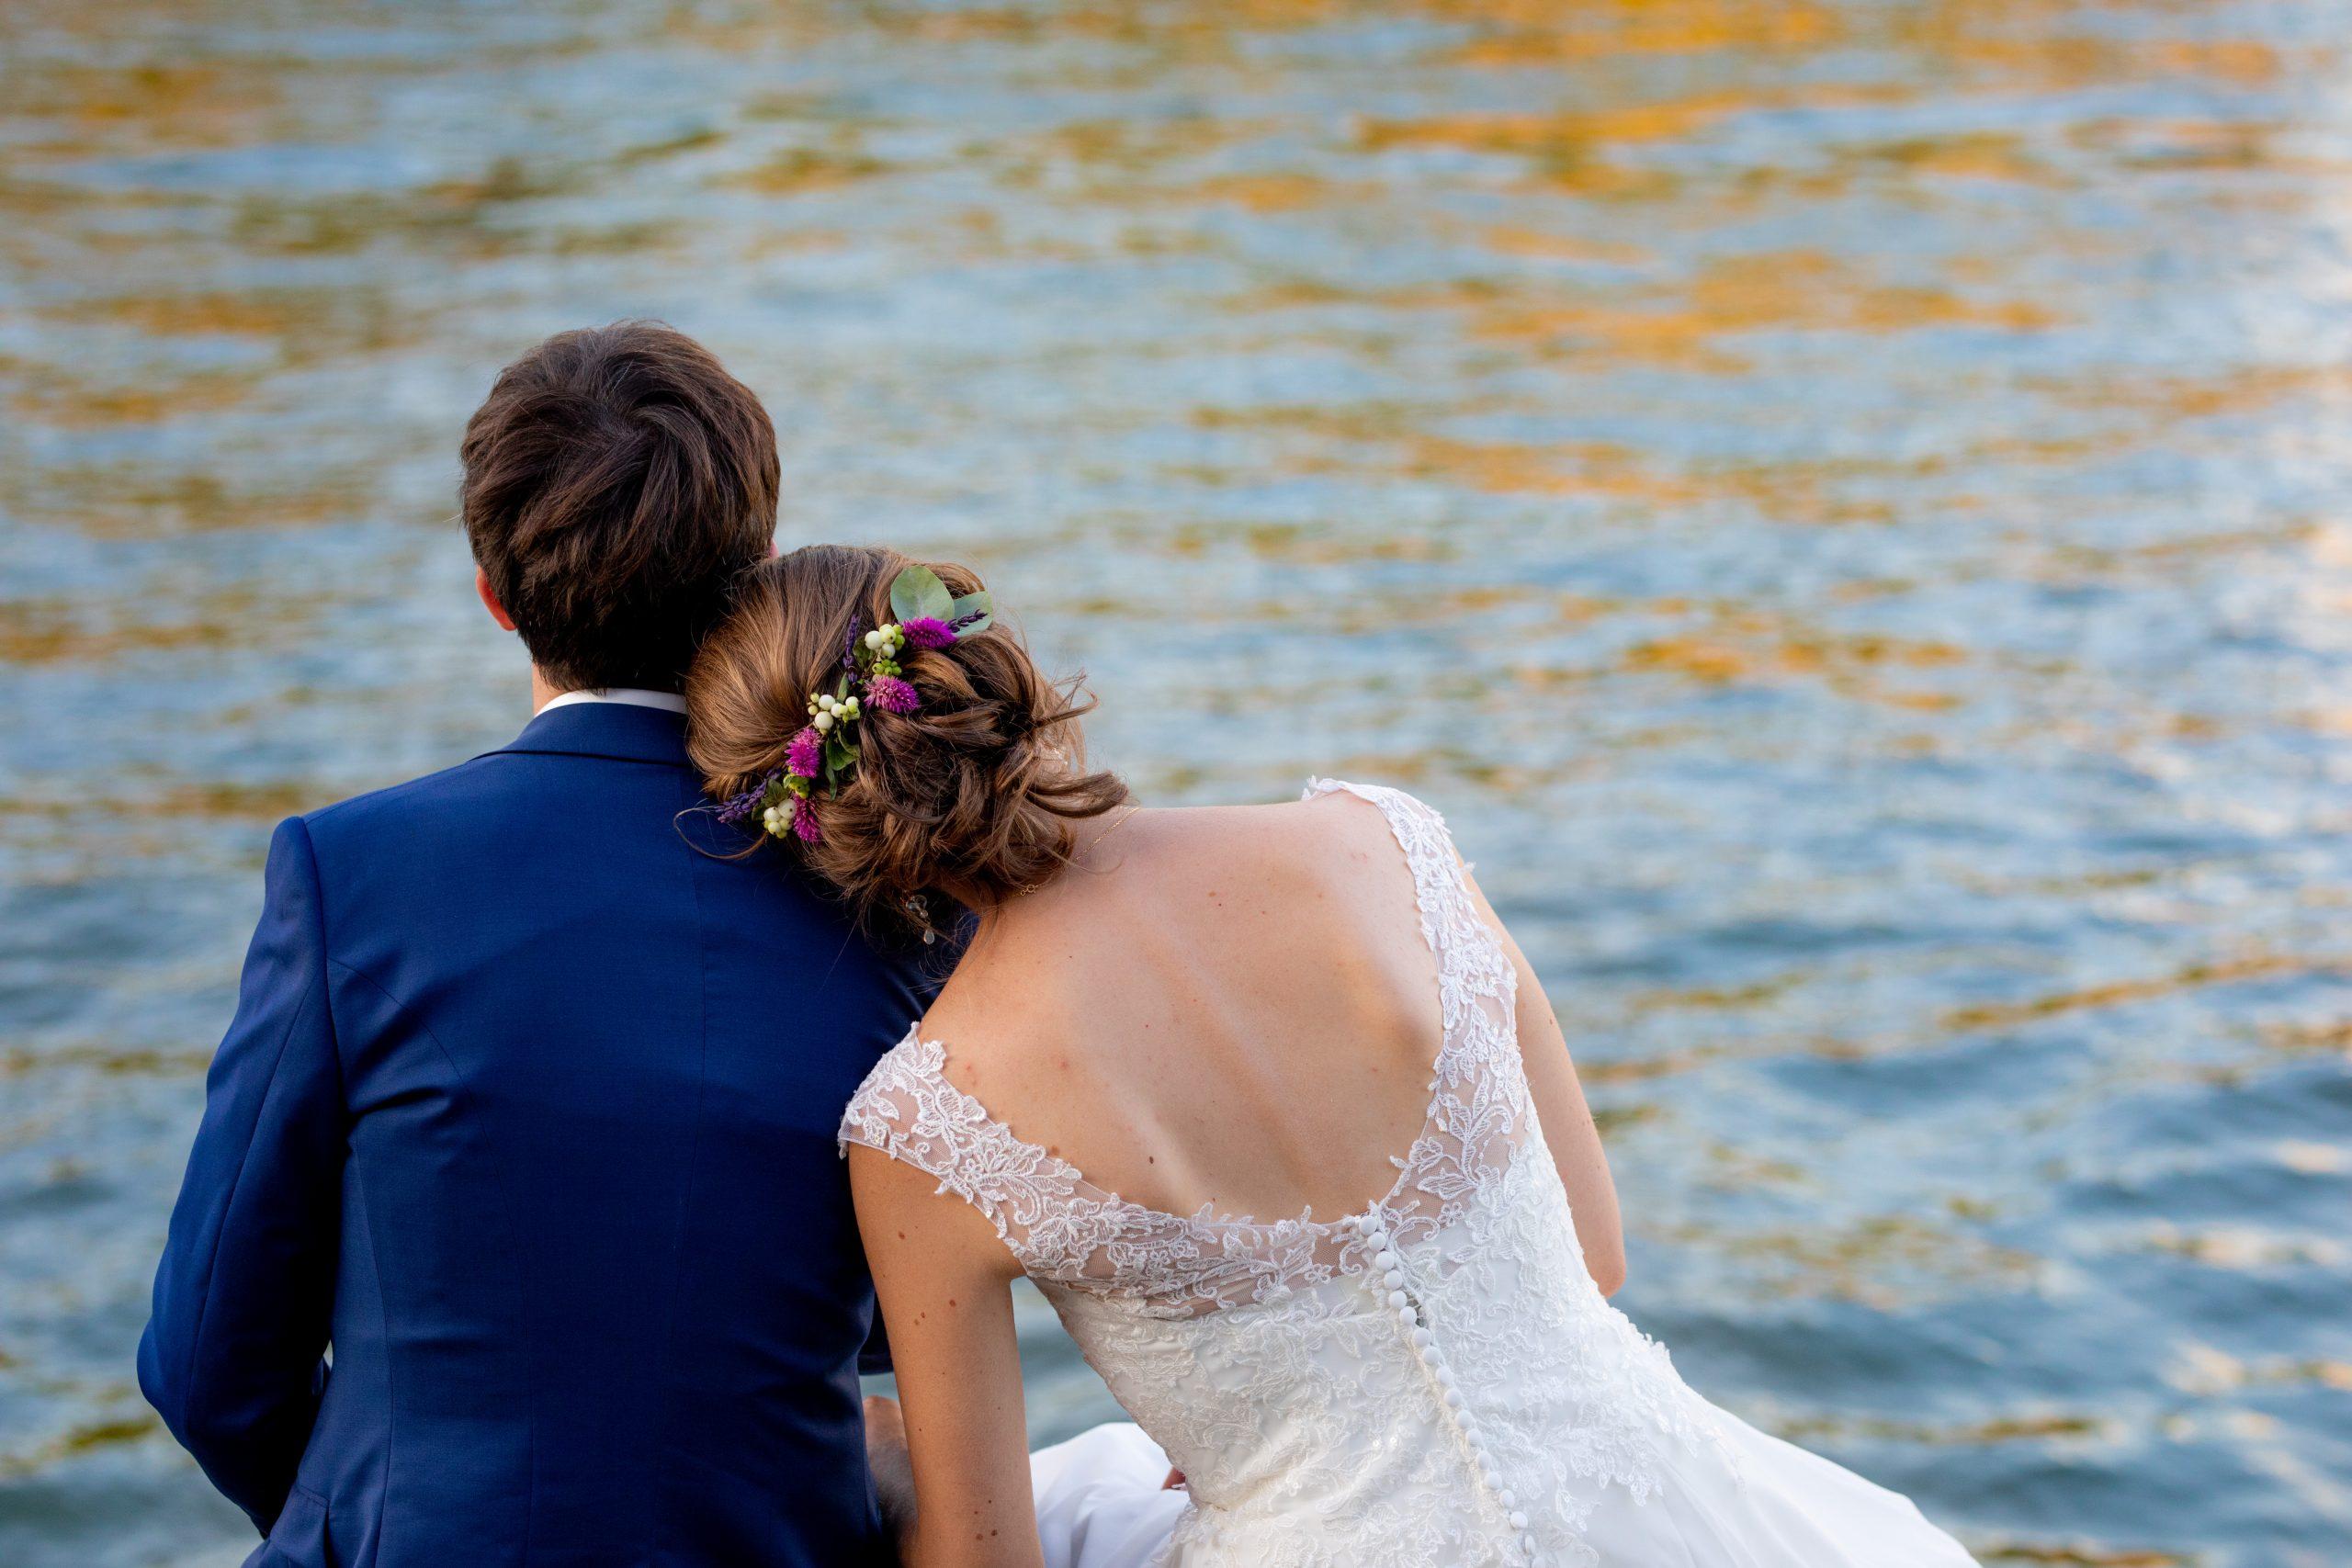 Photographe mariage - Photographie mariage - Paris - Montpellier - Nice - original - Mariage Pont parisien - Mariage Seine - séance couple - au bord de l'eau